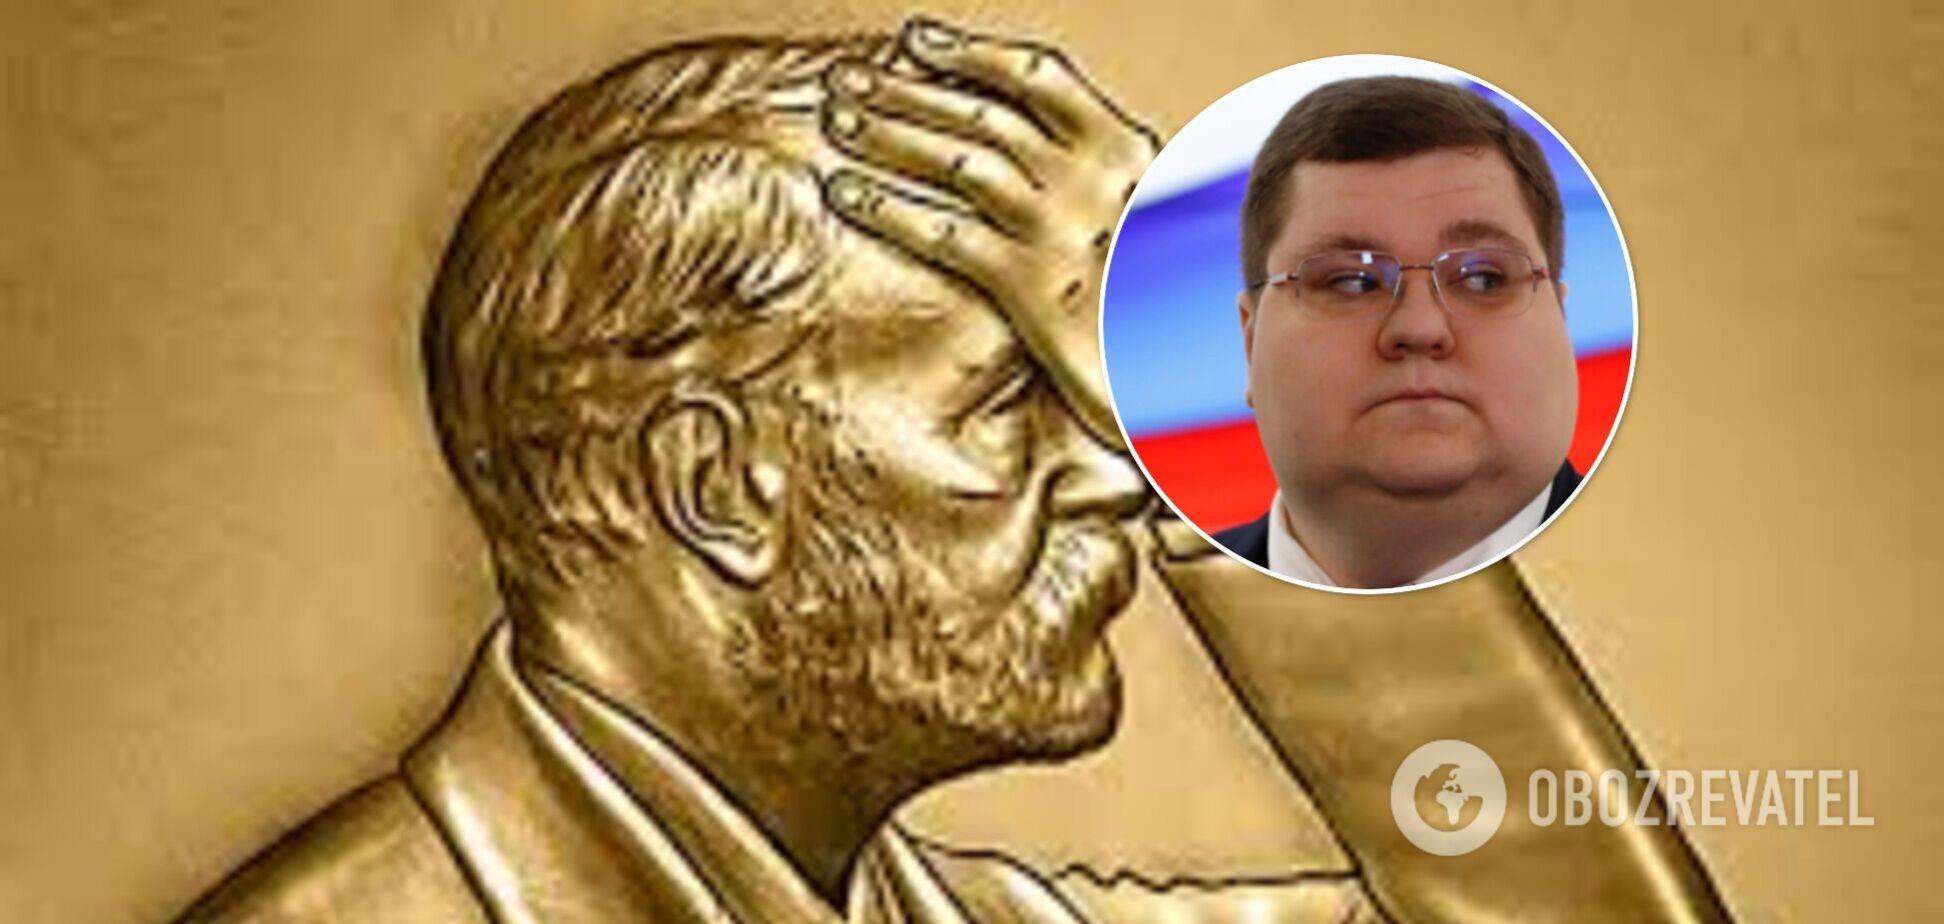 Украинец получил Шнобелевскую премию по экономике, доказав связь коррупции с ожирением чиновников